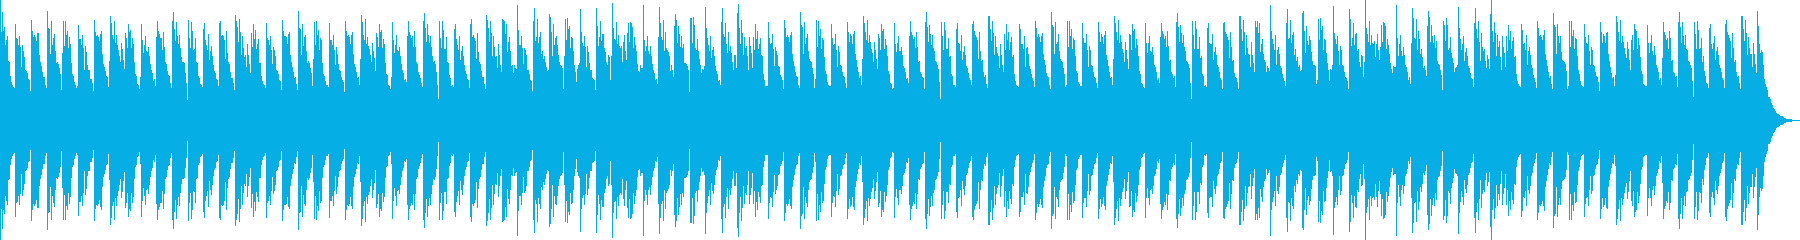 ドラムなしの再生済みの波形